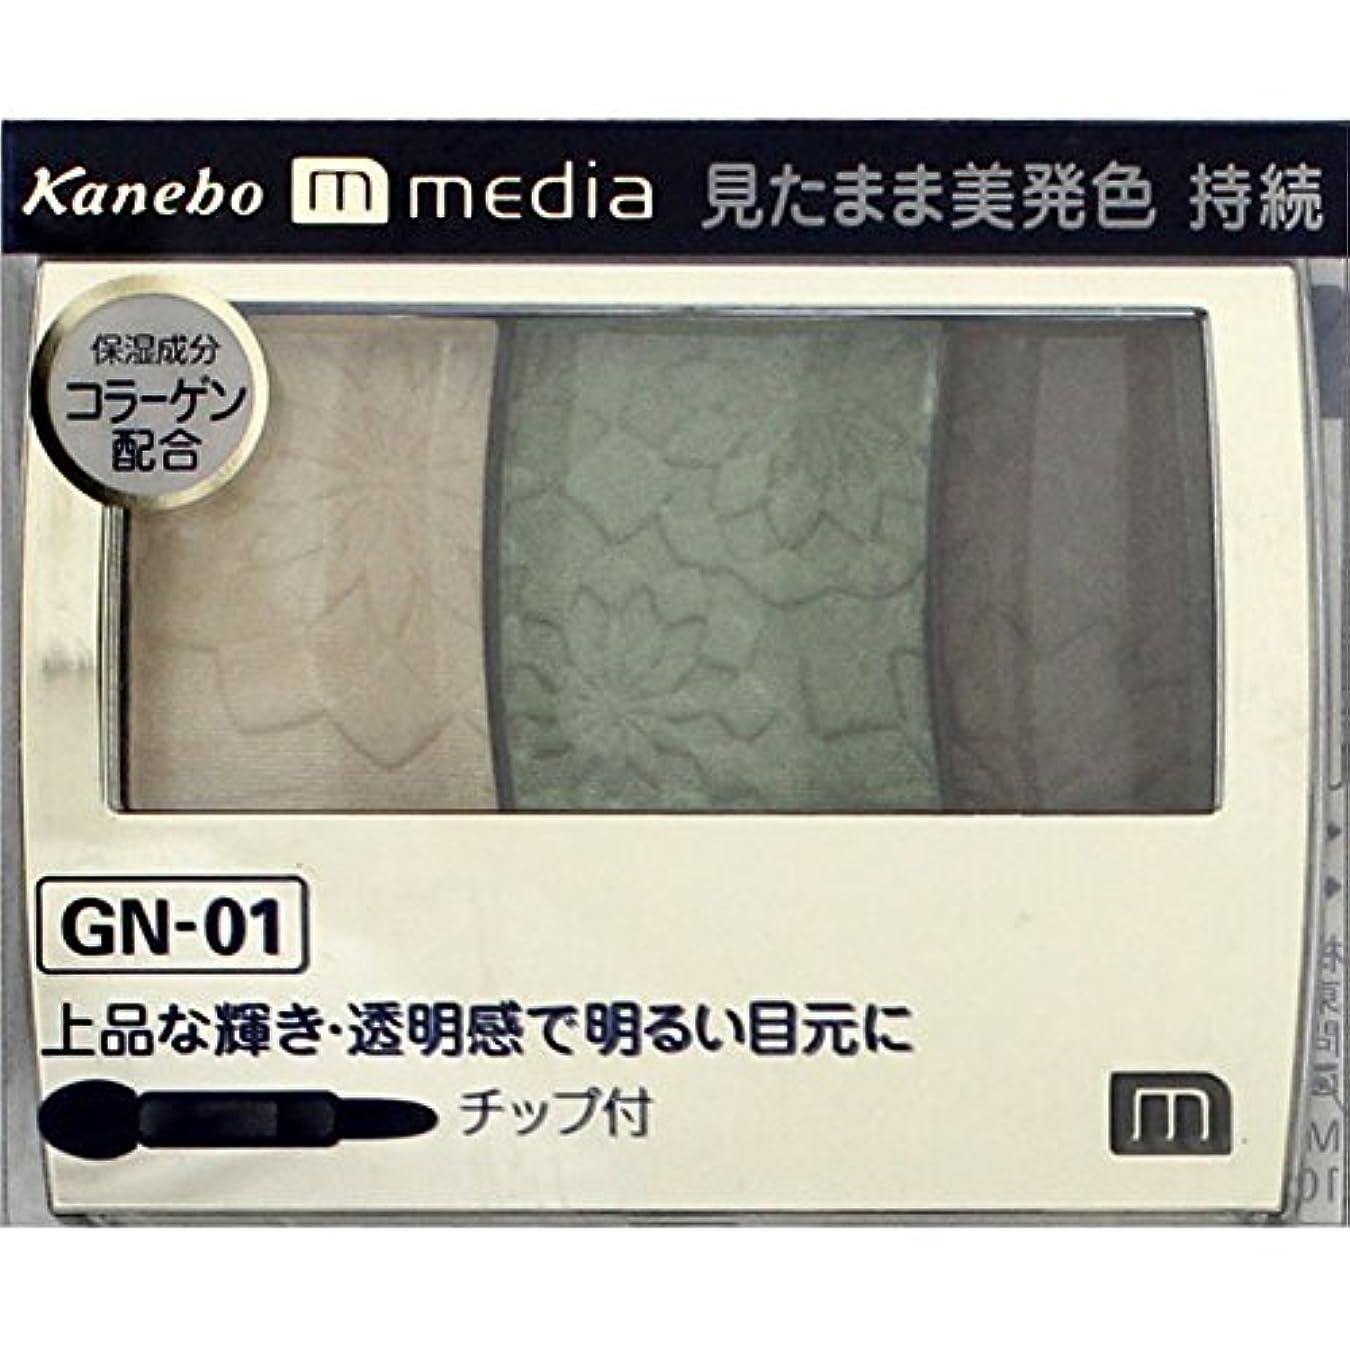 ために選挙サイズ【カネボウ】 メディア グラデカラーアイシャドウ GN-01